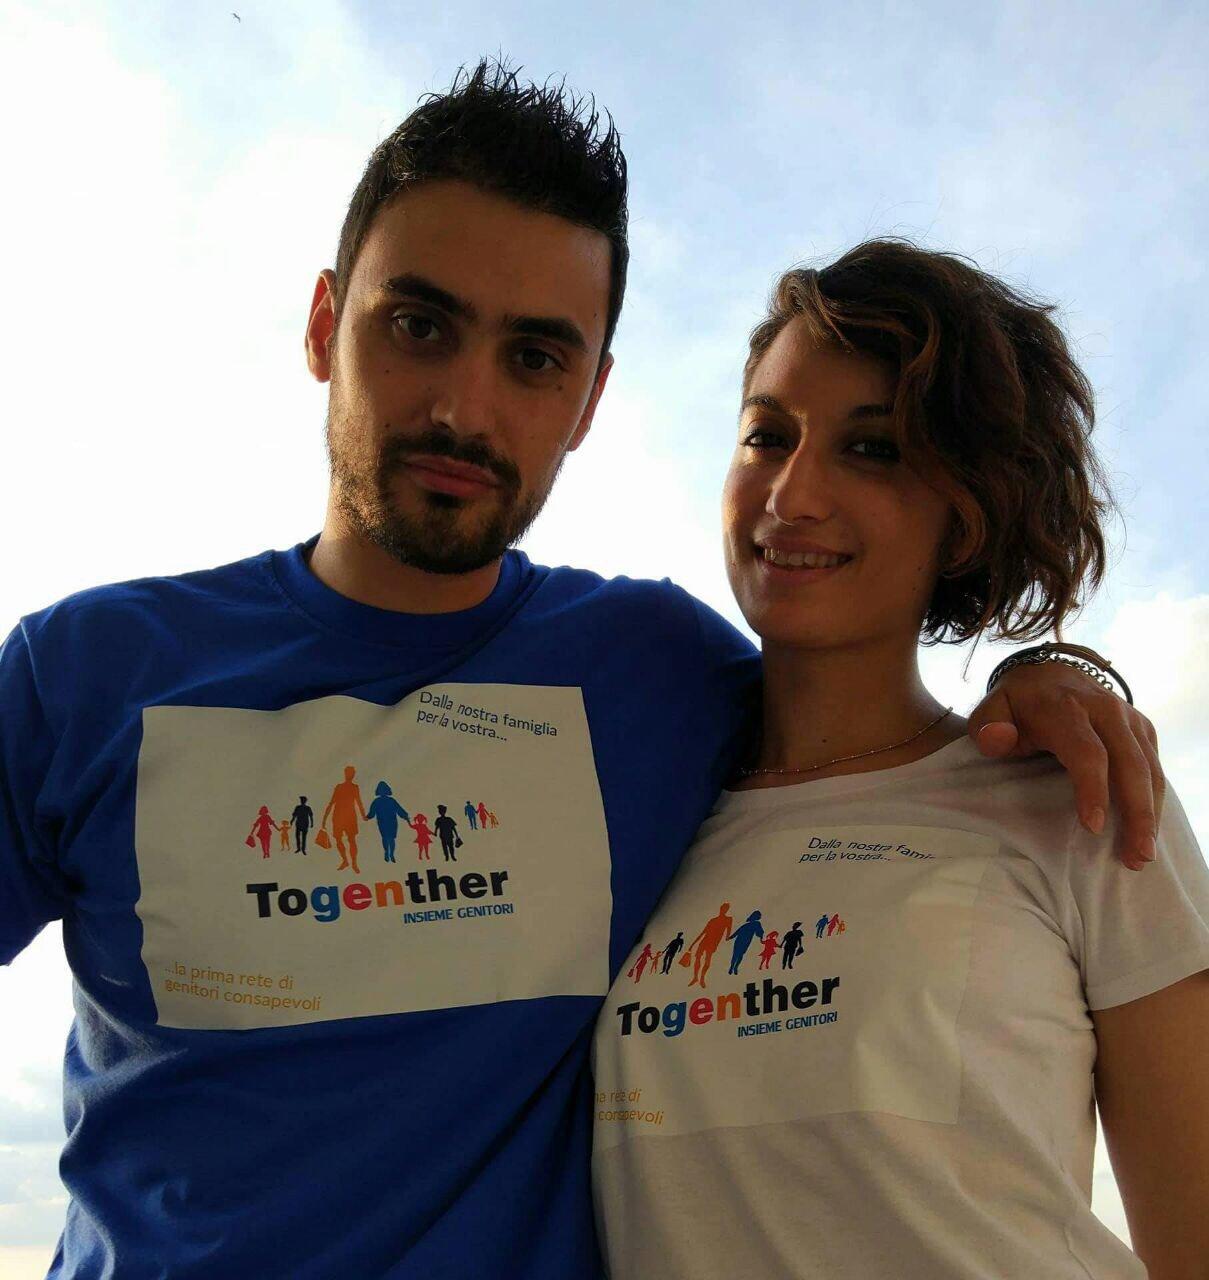 Fabiano Sileo e Francesca Di Pietrantonio, founder di Togenther